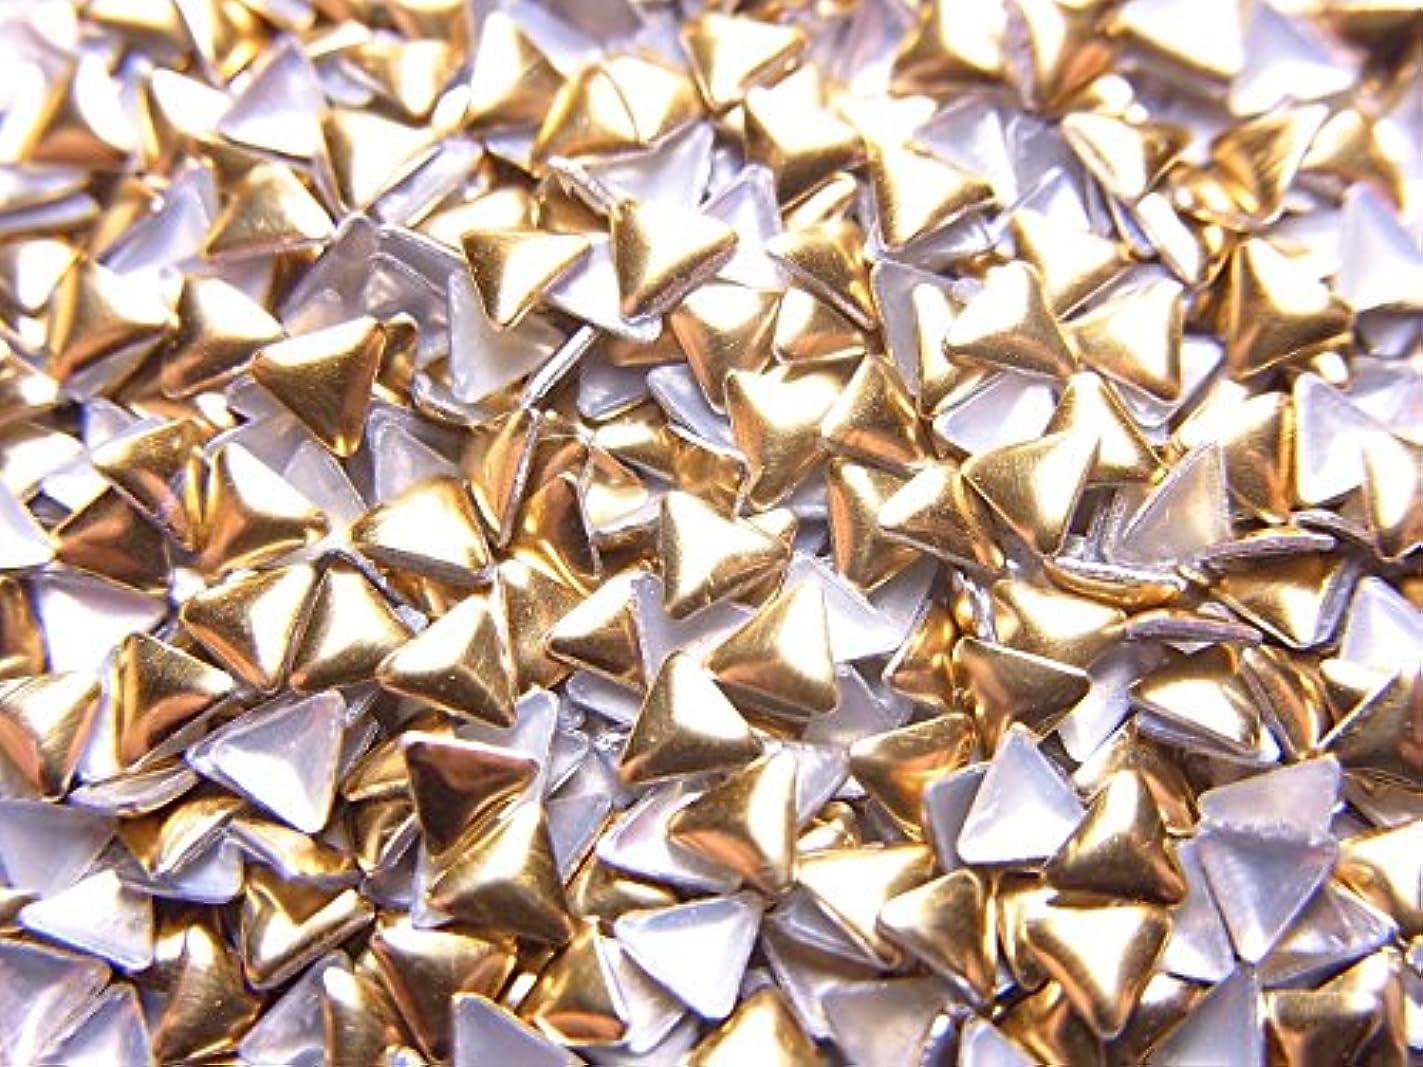 歯痛コンサート報復メタルスタッズ (ゴールド/シルバー)12種類から選択可能 (トライアングル型(三角形)メタルスタッズ 3mm, ゴールド)